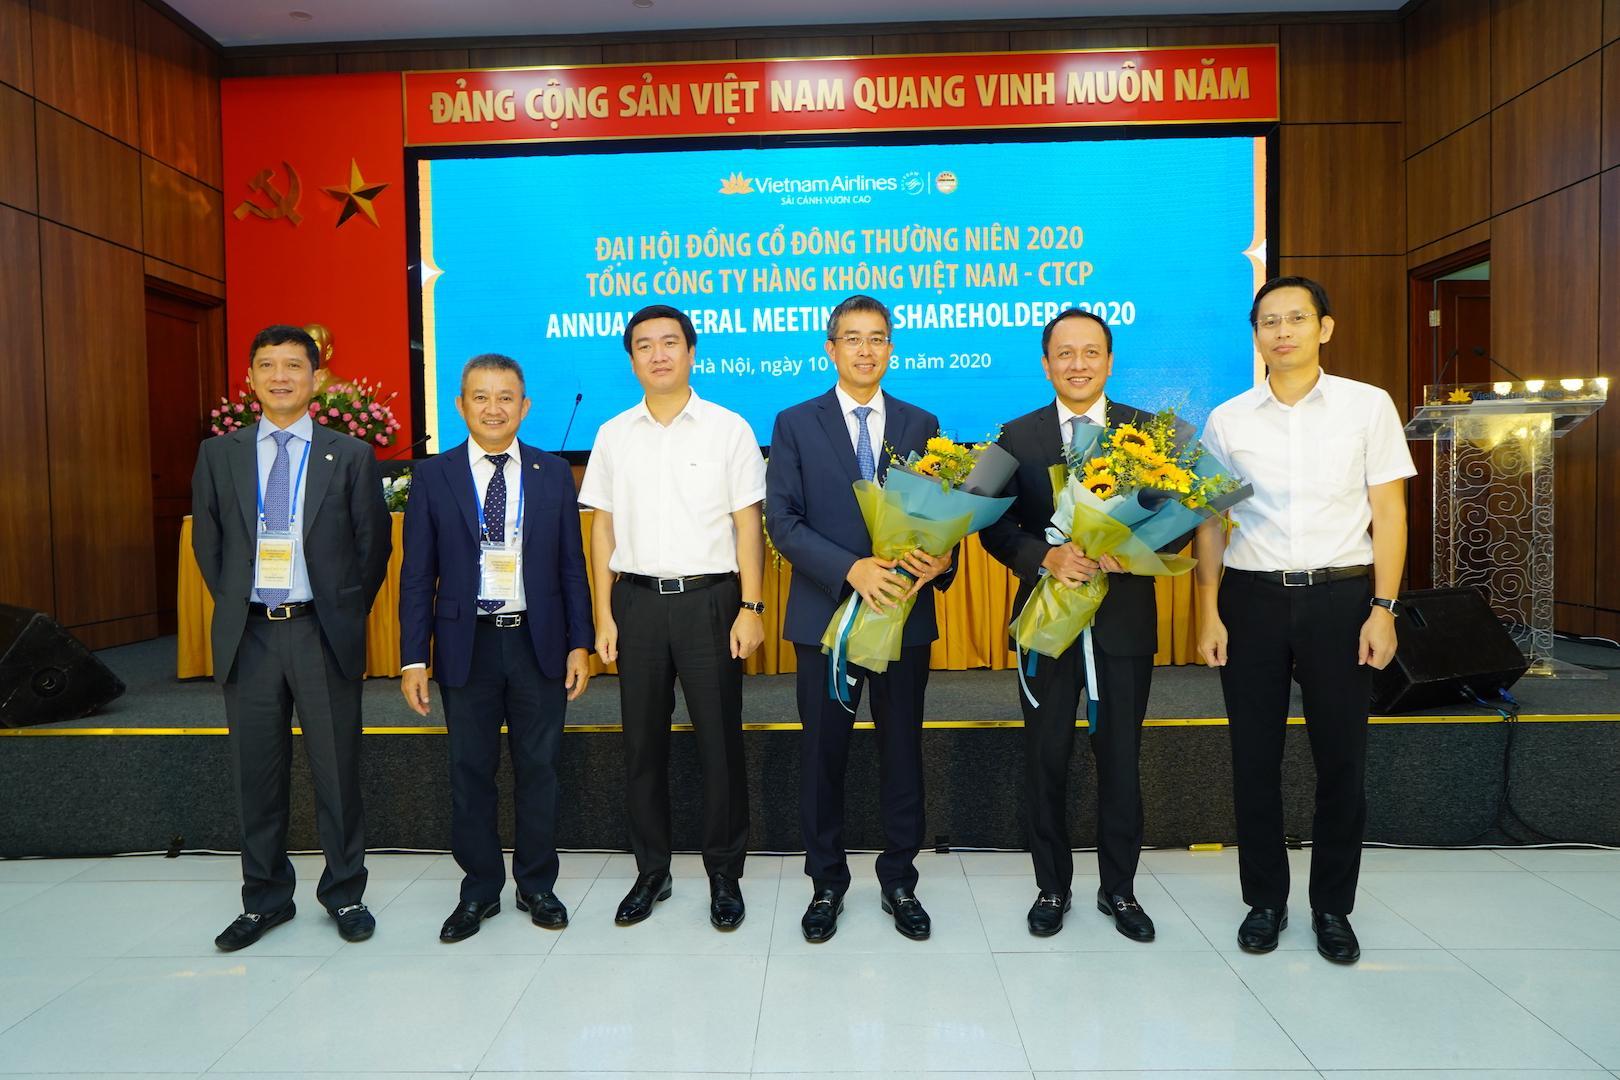 Tổng công ty Hàng không Việt Nam tổ chức thành công Đại hội đồng cổ đông thường niên năm 2020